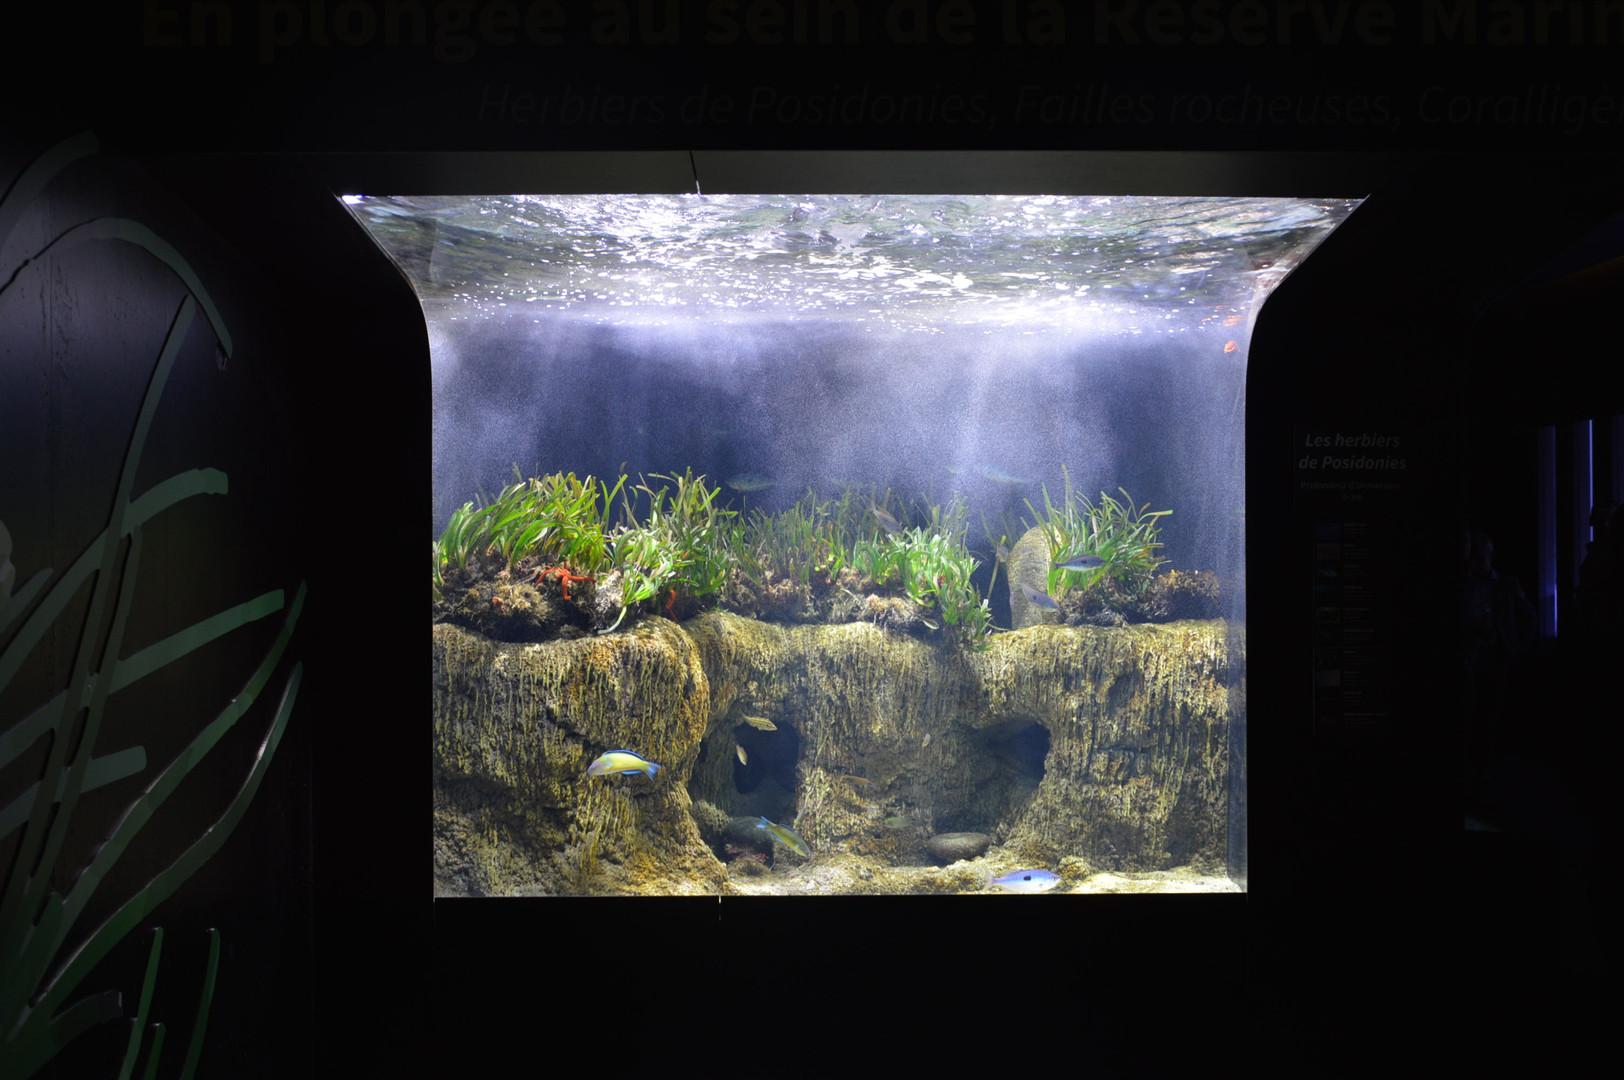 Banyuls aquarium